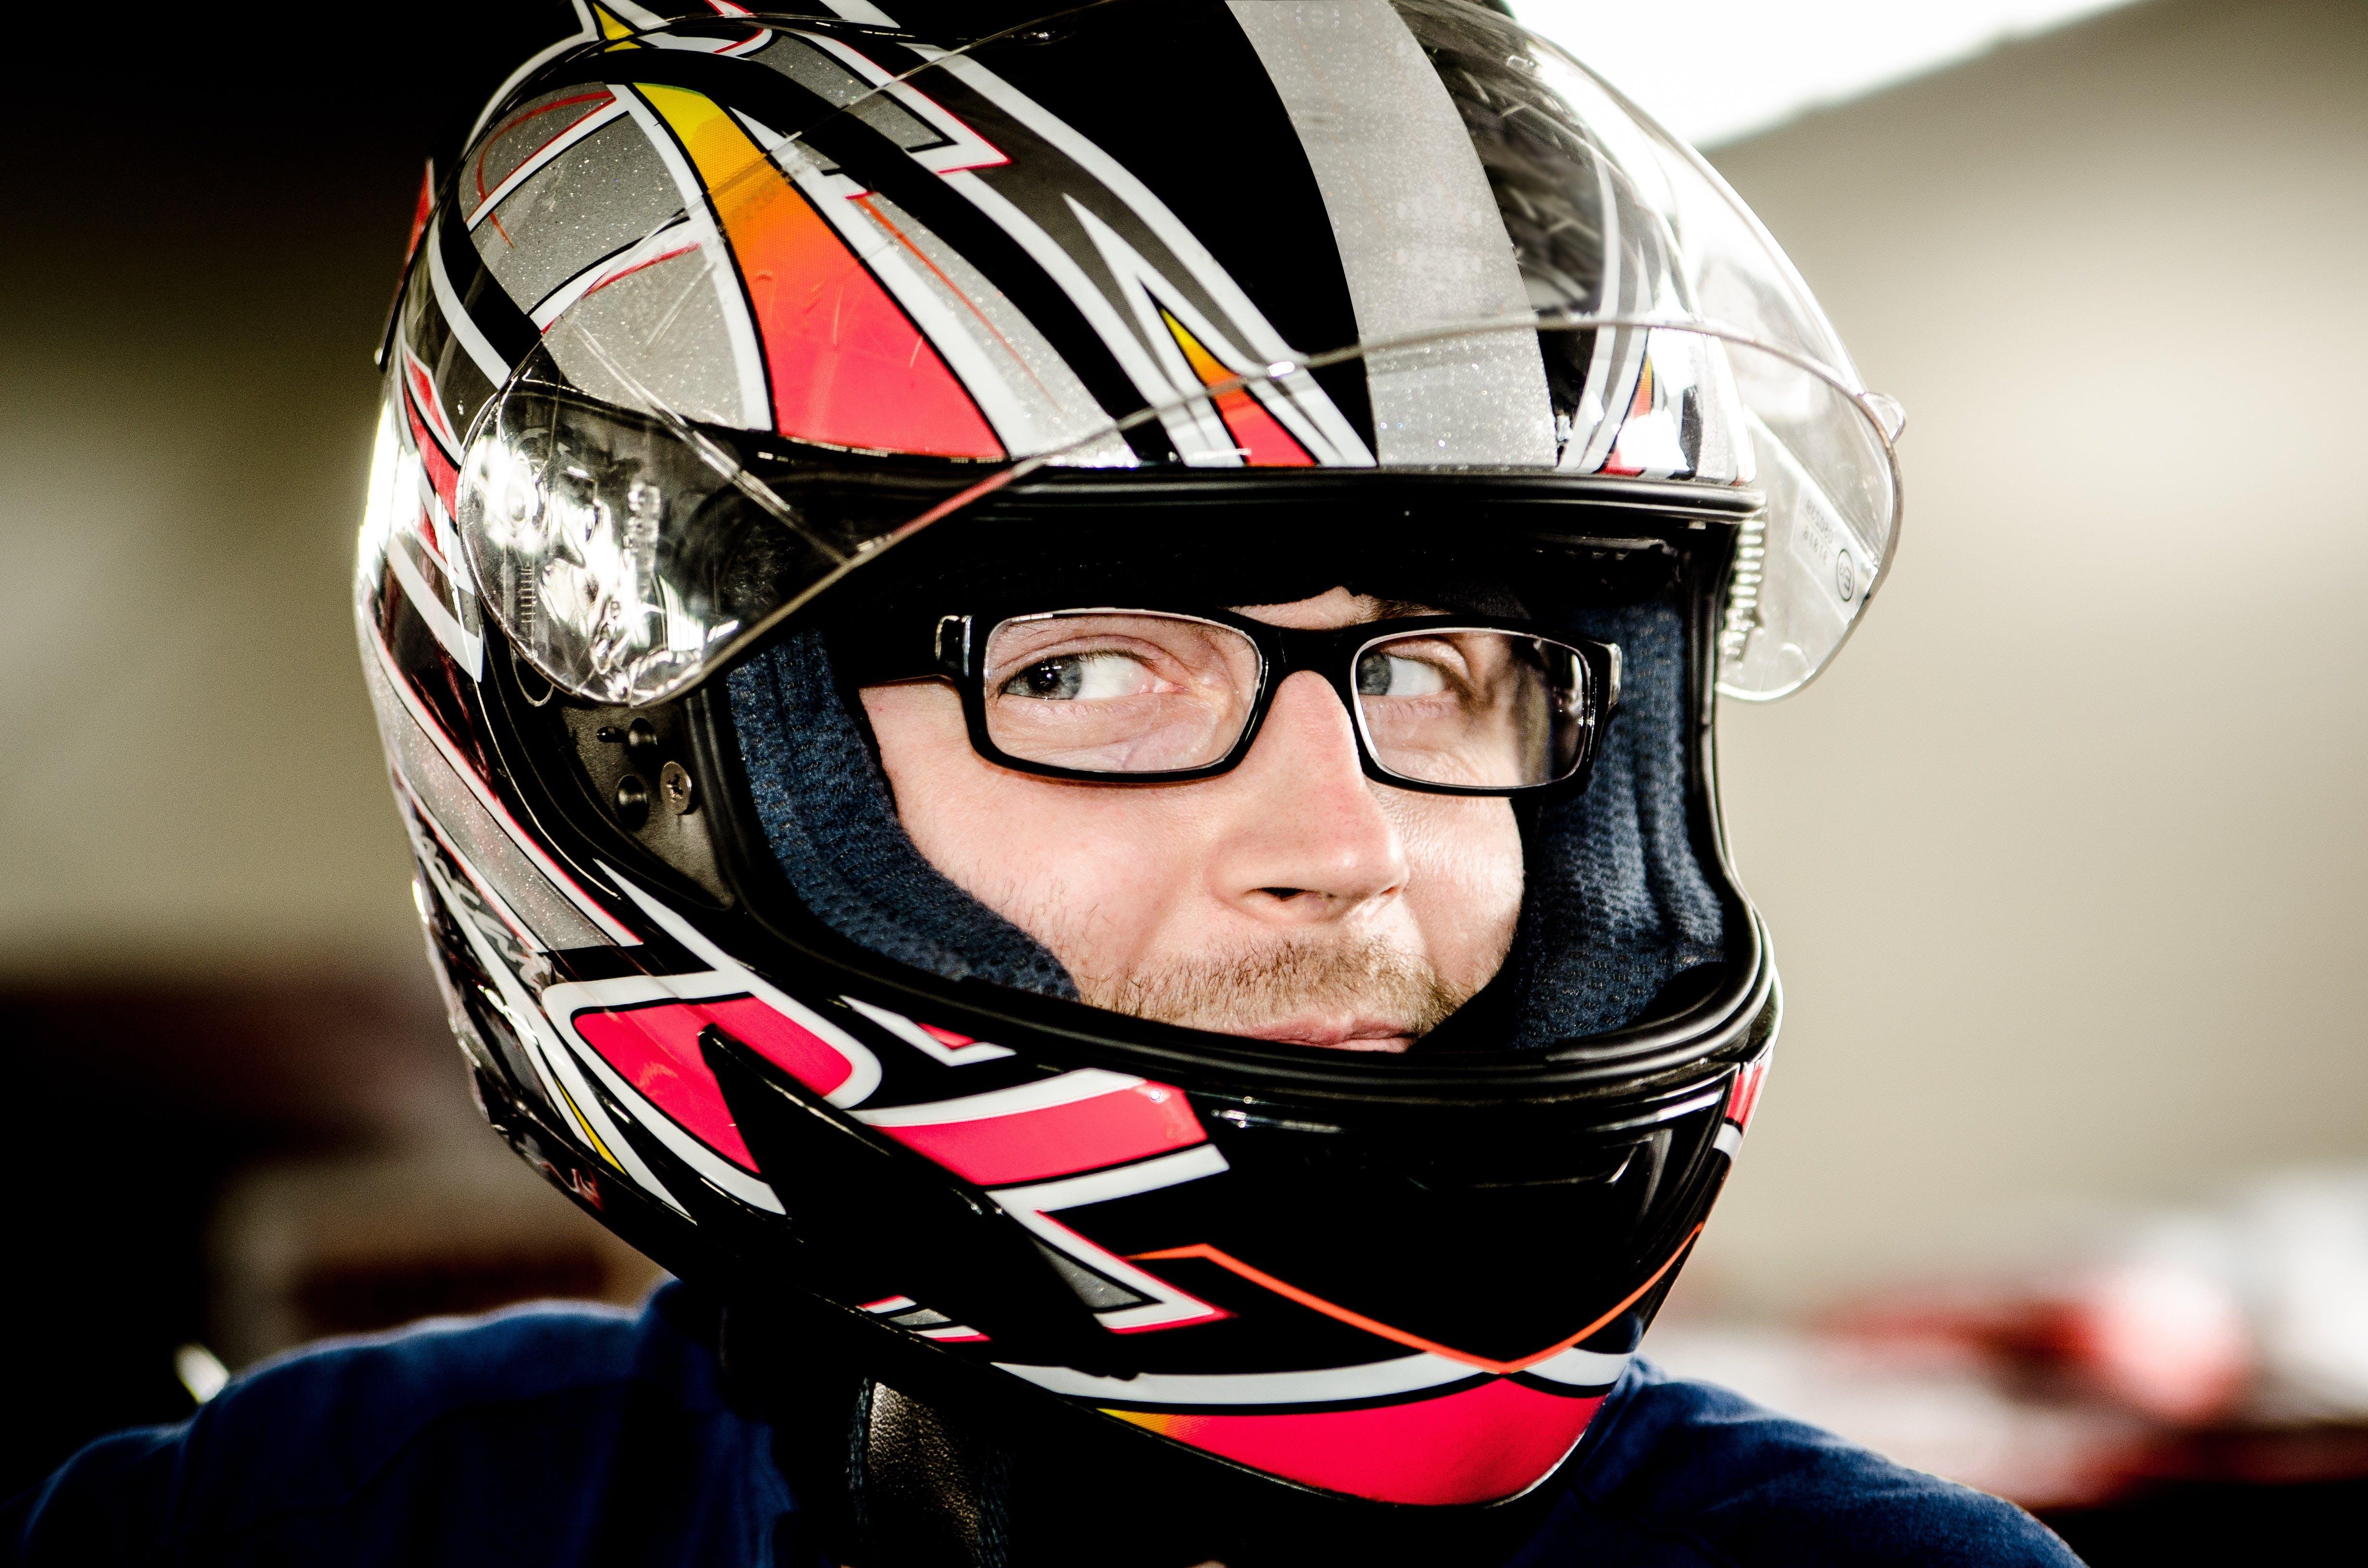 Man Wearing Black Gray Red Motorcycle Helmet